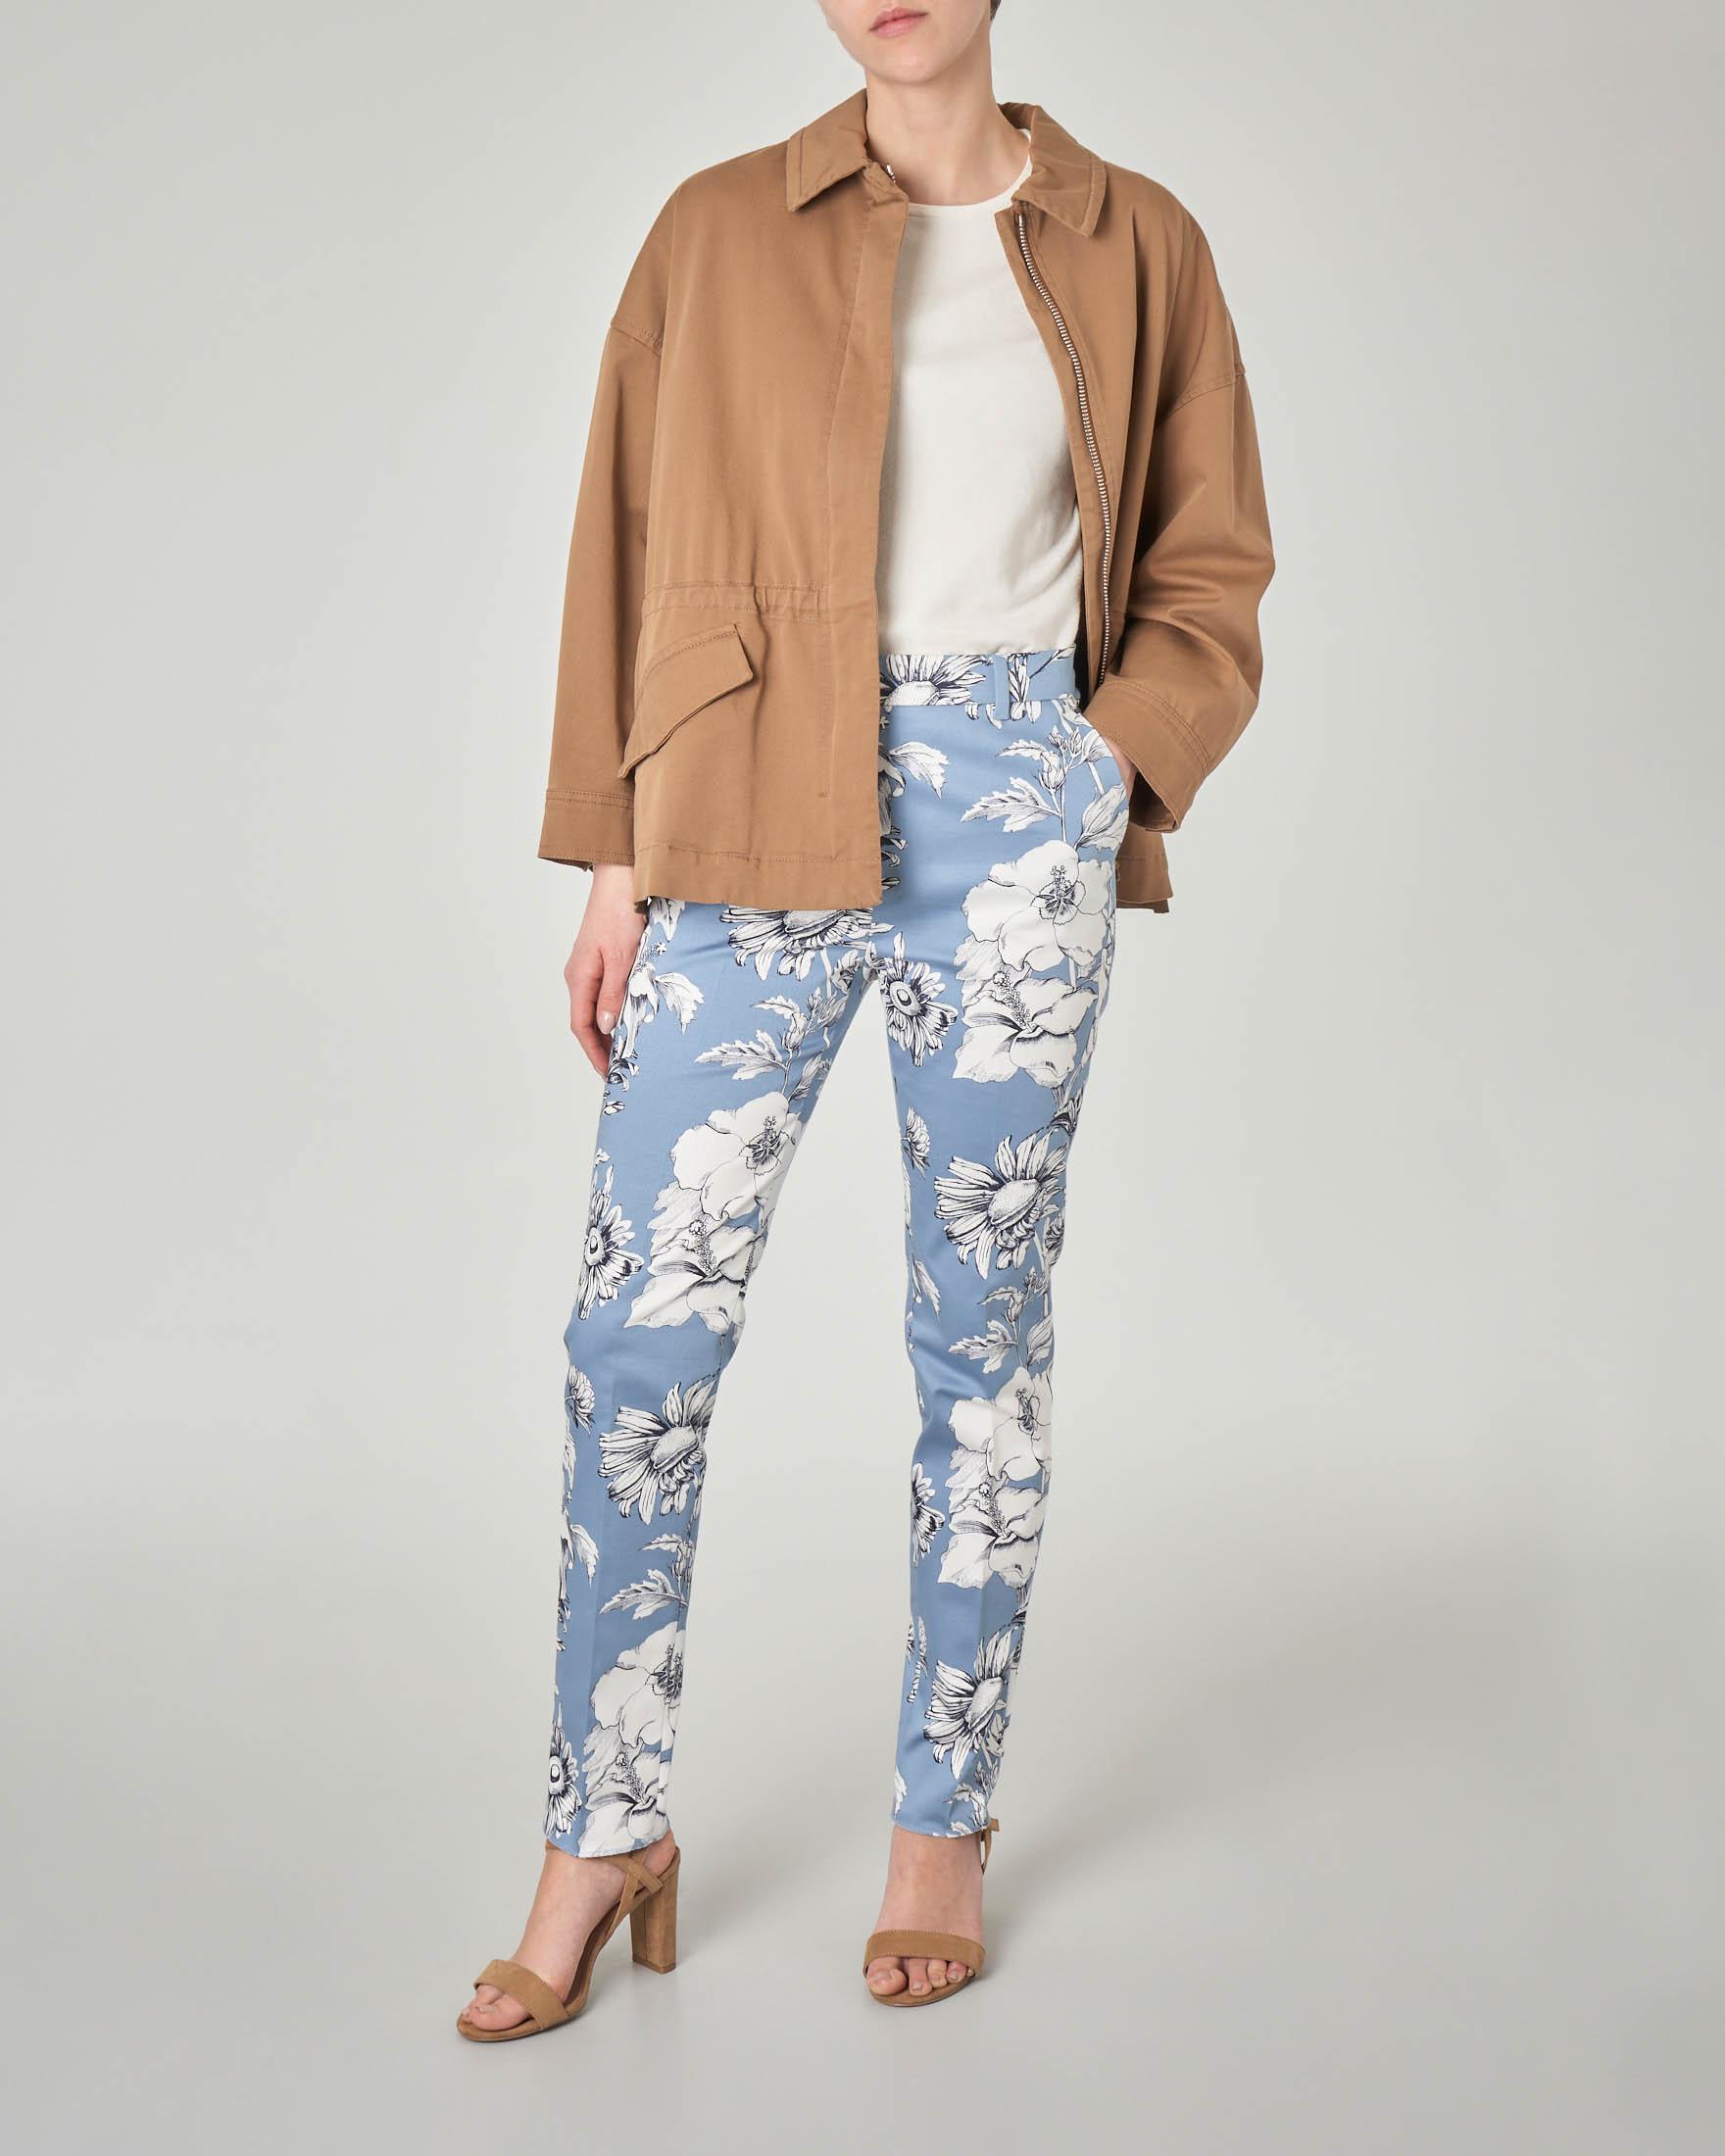 Giacca in cotone stretch color cuoio con colletto a camicia